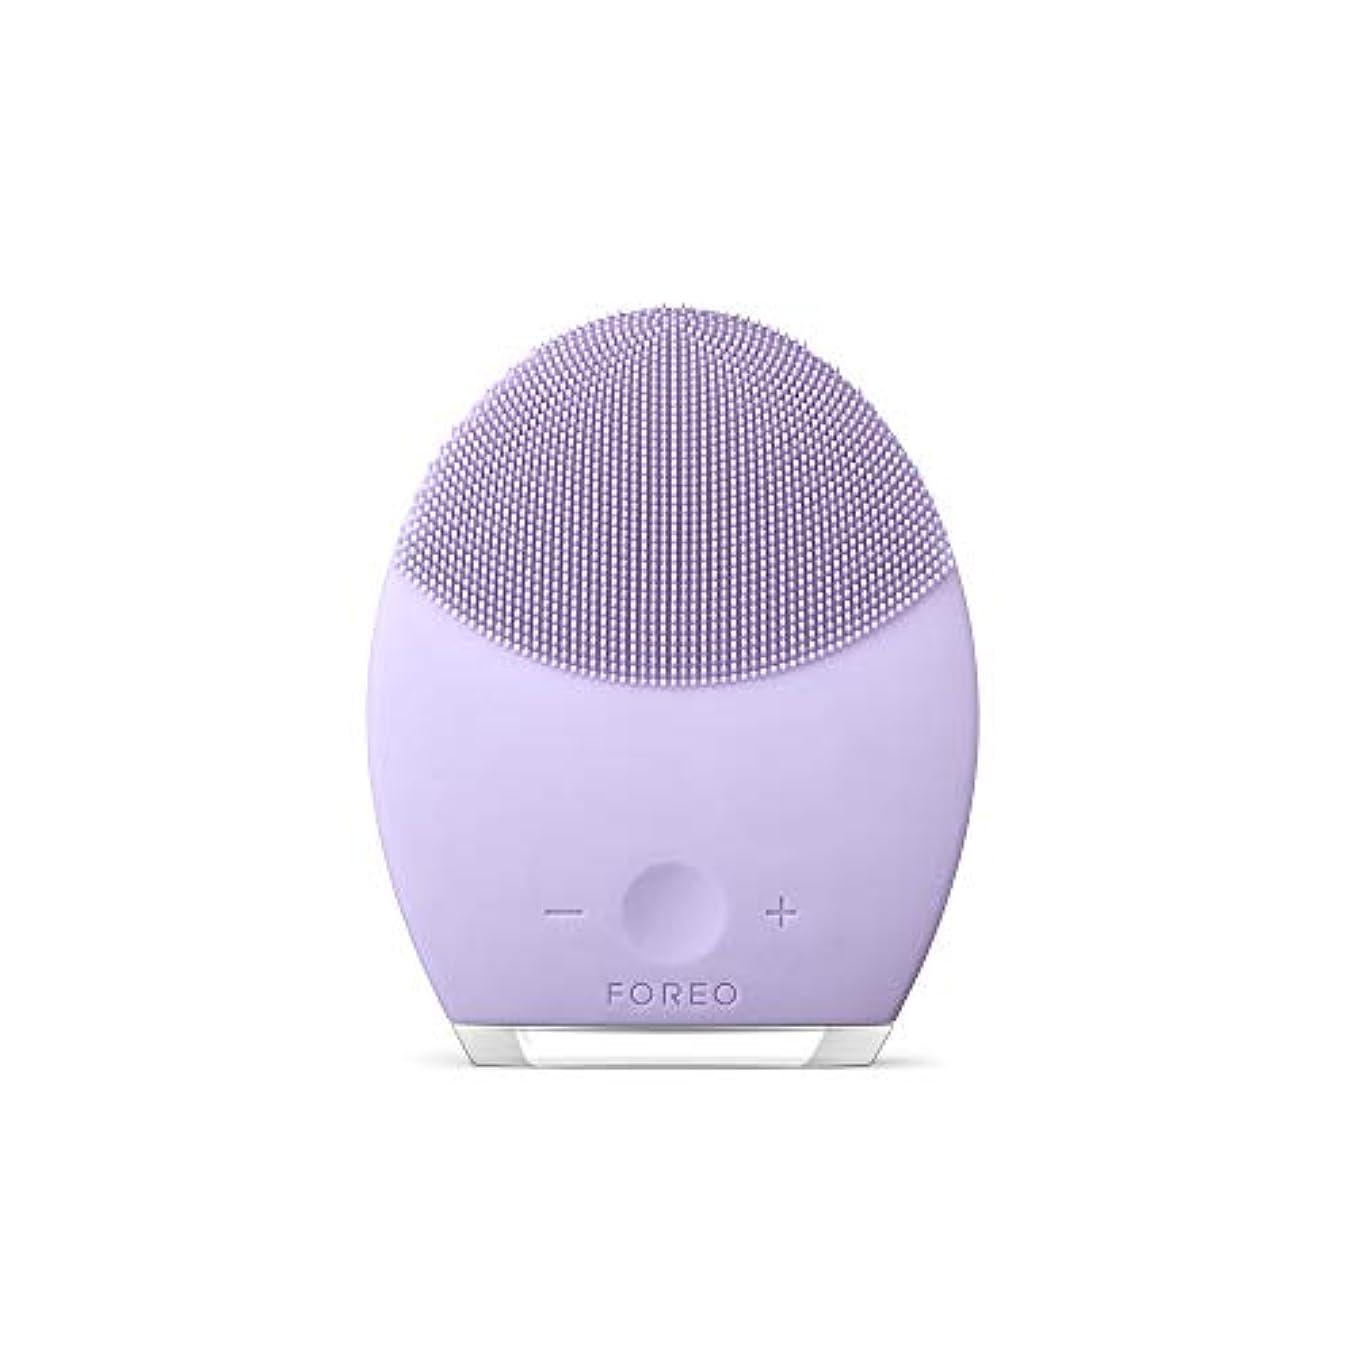 ハンディ内部学生FOREO LUNA 2 for センシティブスキン 電動洗顔ブラシ シリコーン製 音波振動 エイジングケア※